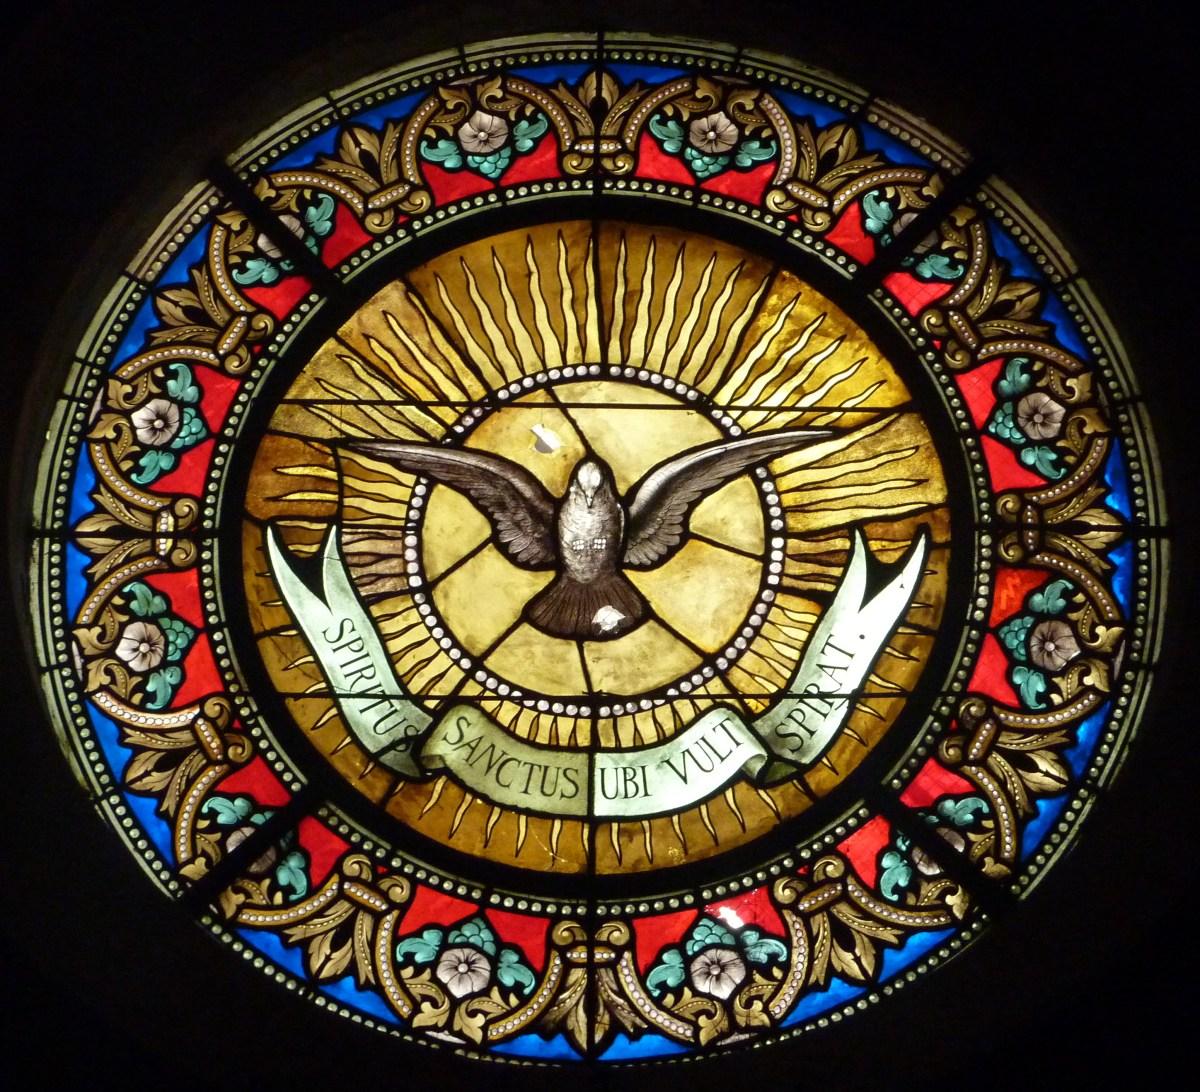 Veni, creator, Spiritus